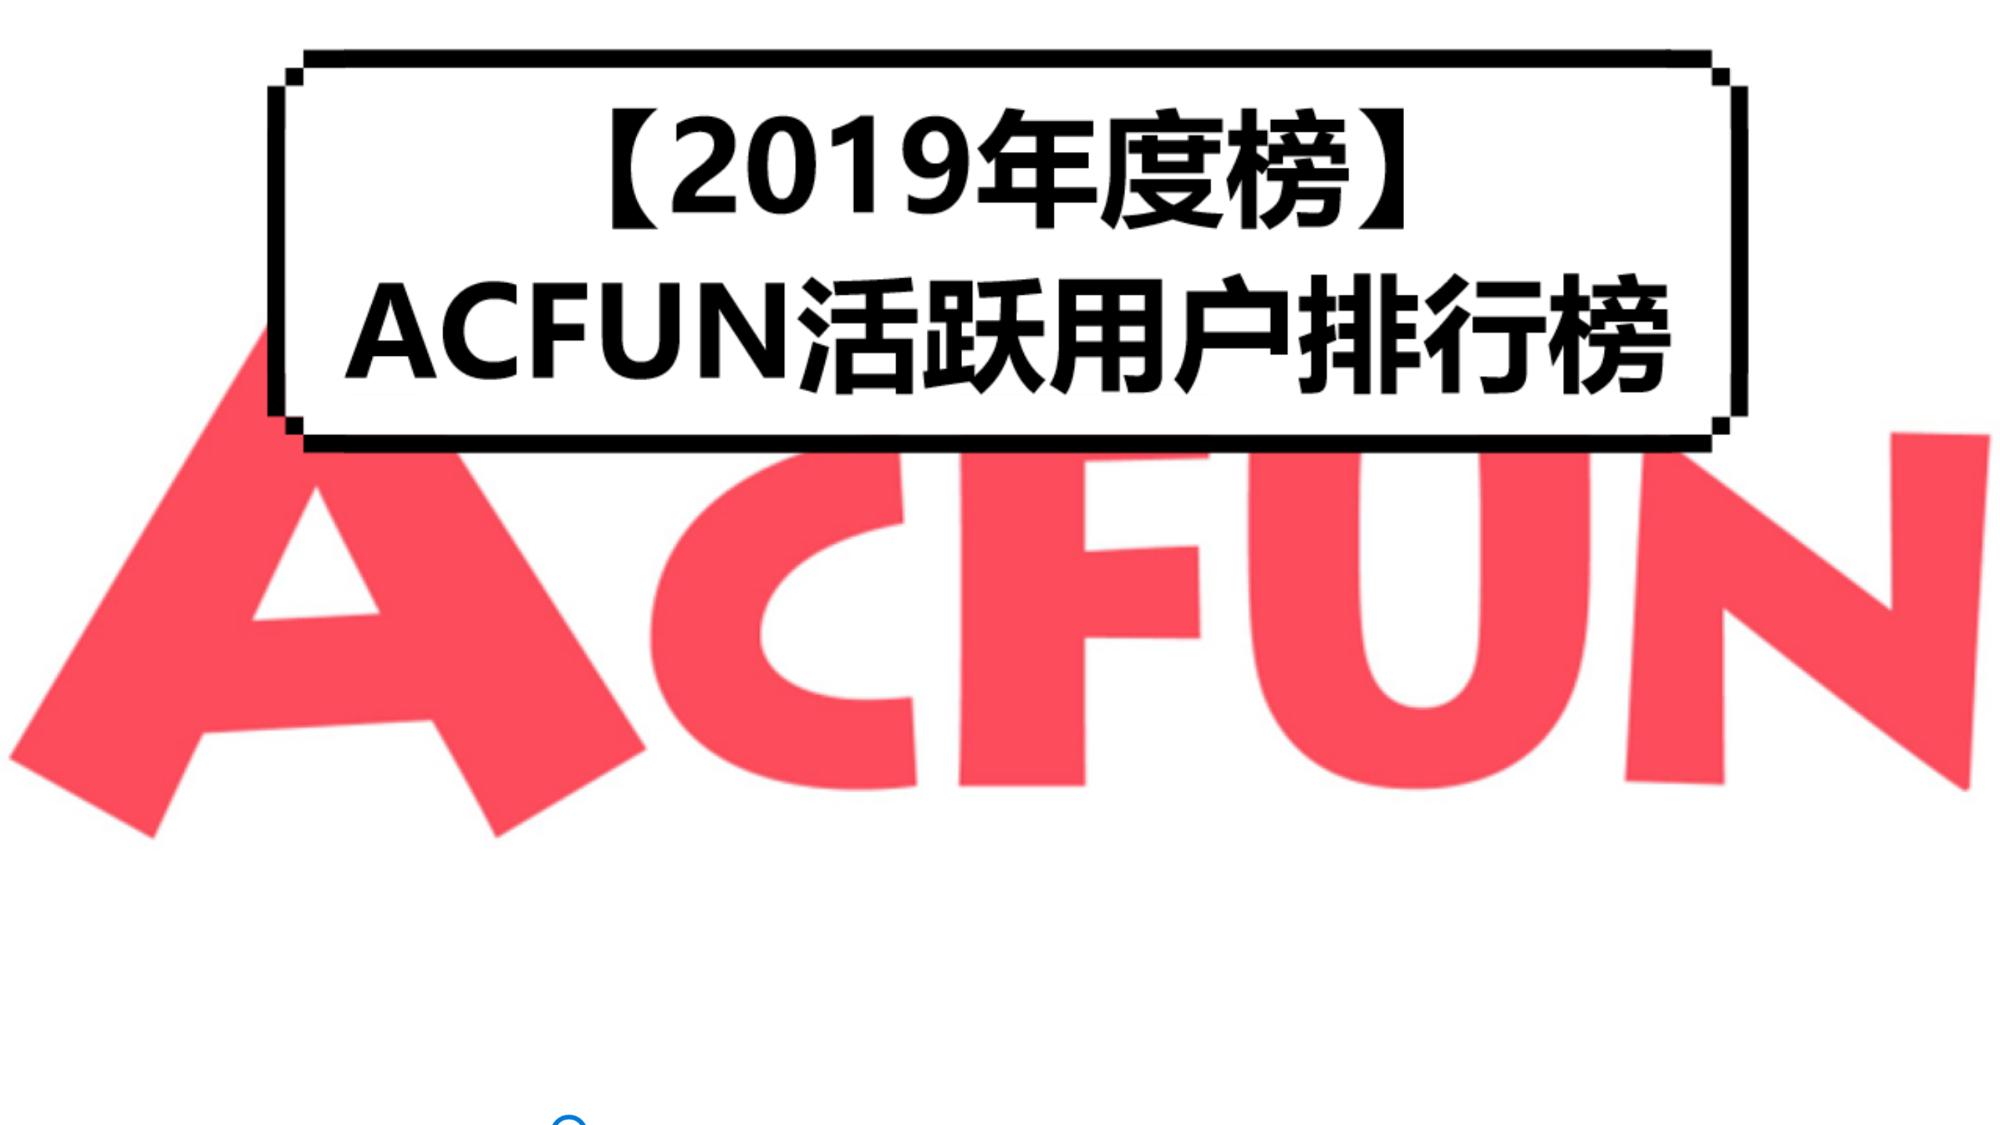 【2019年度榜】ACFUN活跃用户排行榜